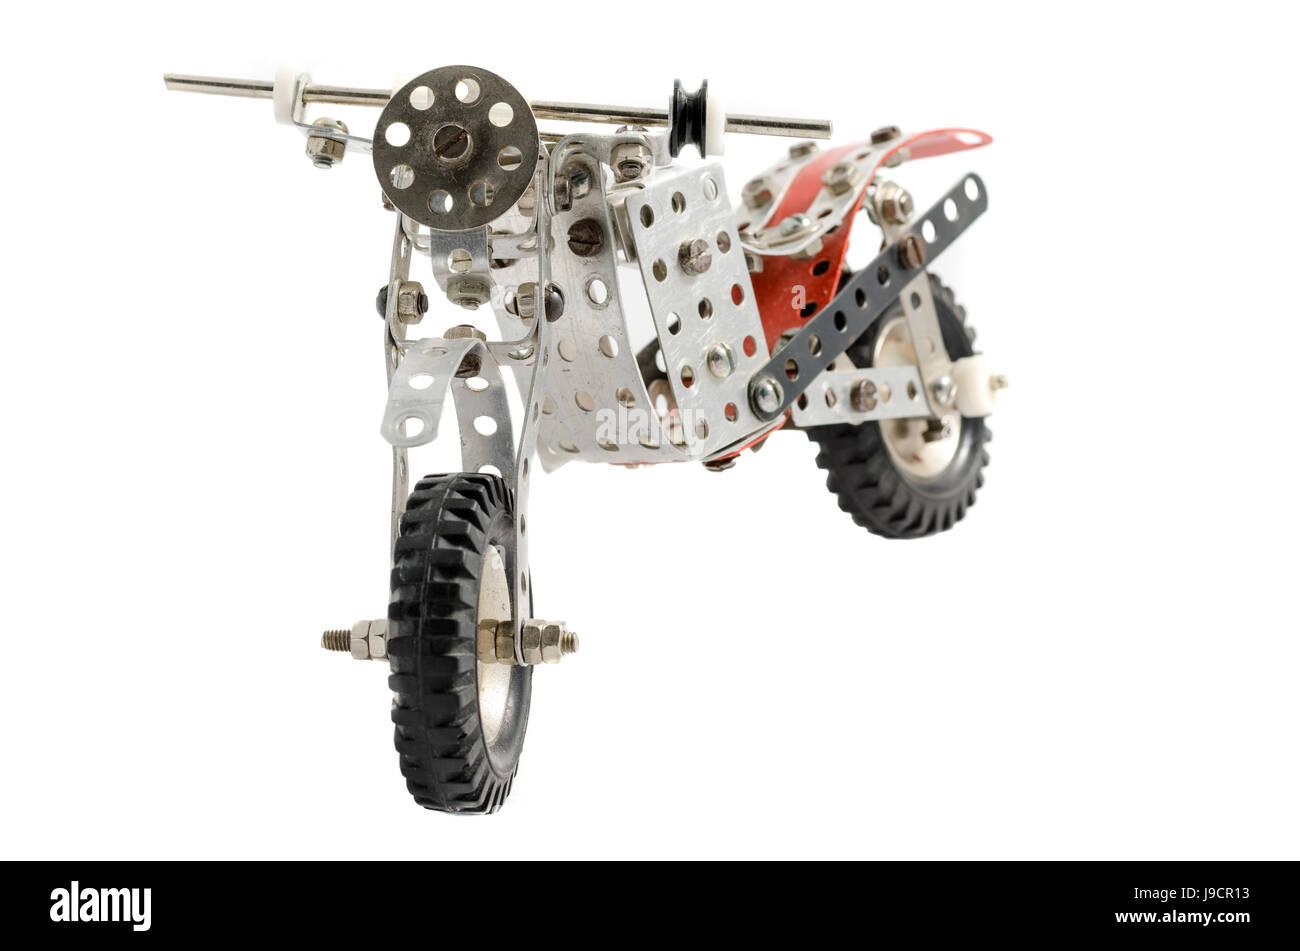 Toy old vintage motorbike isolated on white background Stock Photo